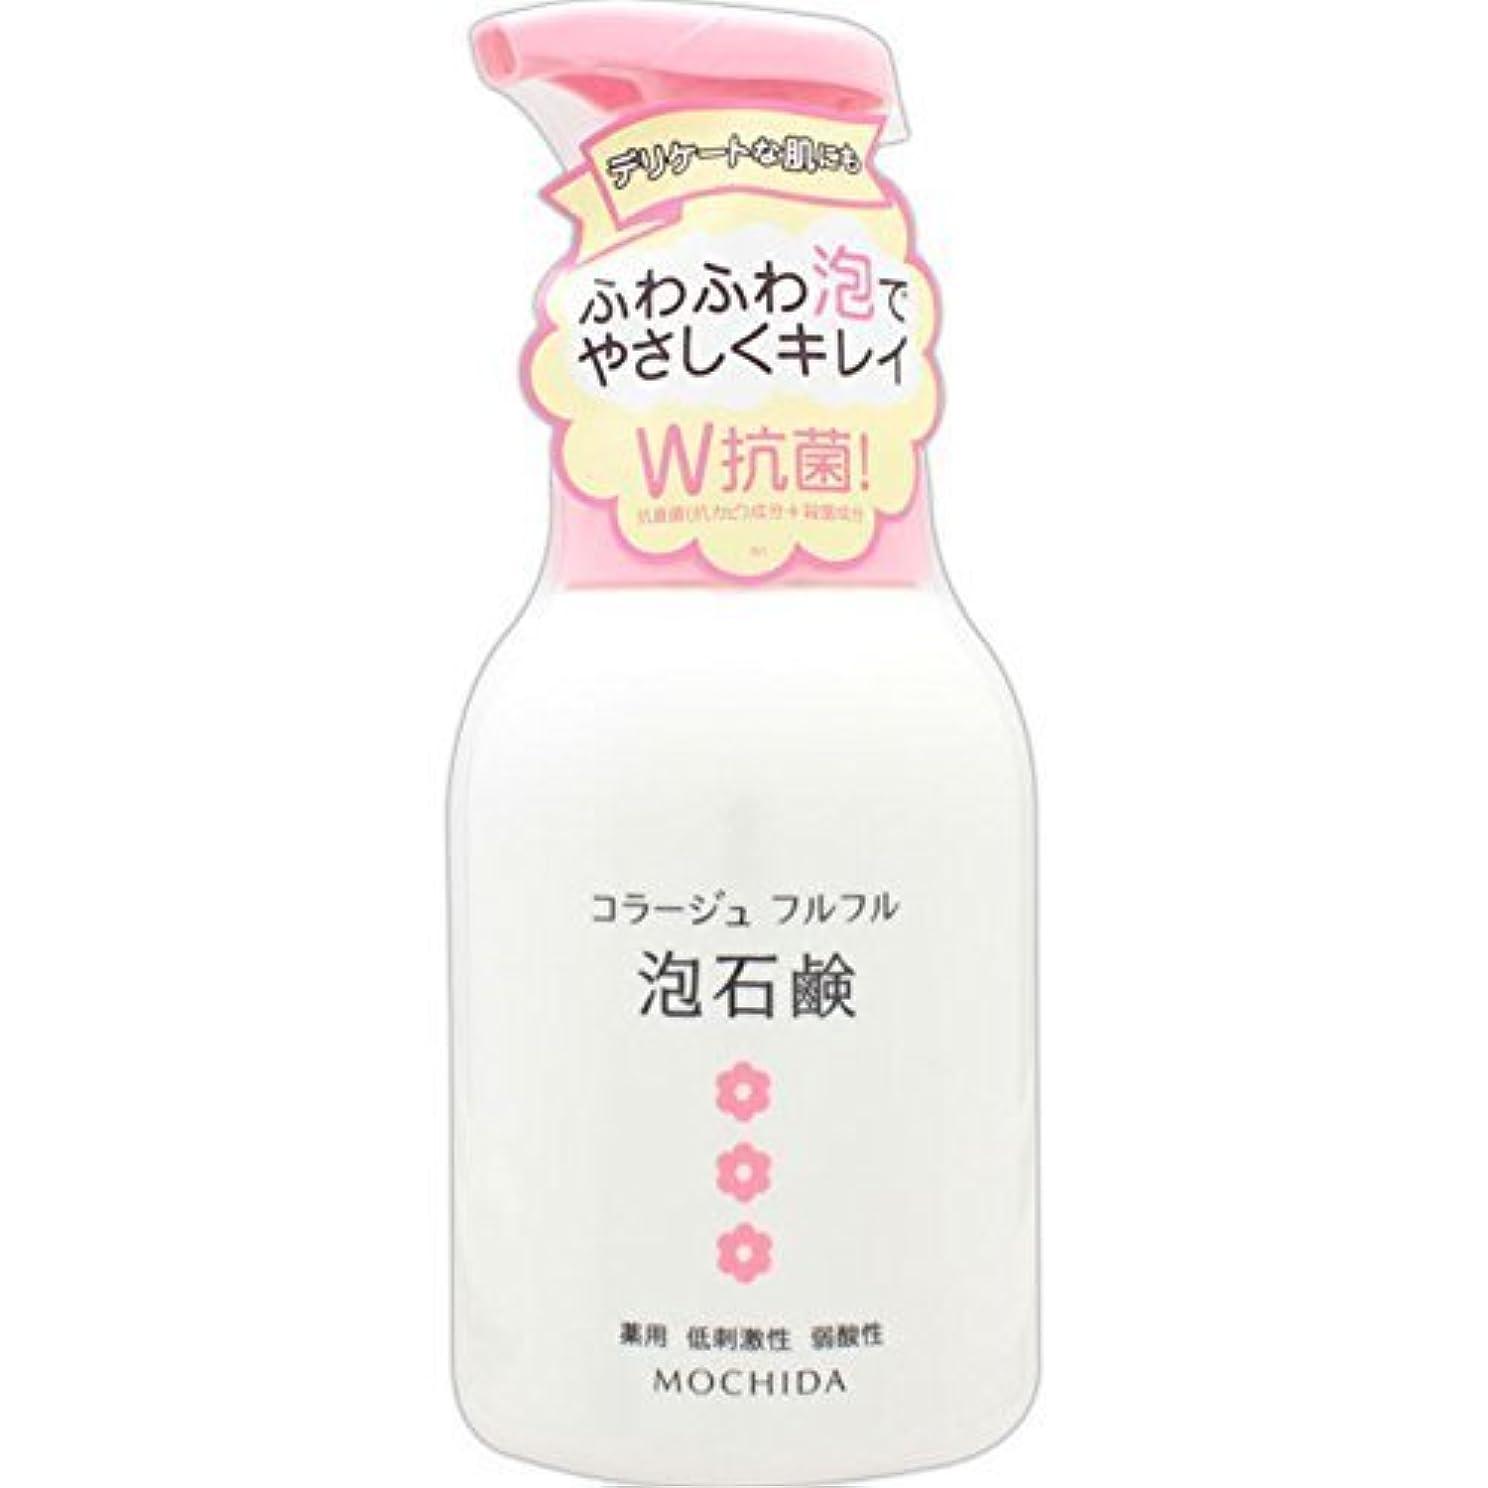 名前を作る後悔怠コラージュフルフル 泡石鹸 ピンク 300m L (医薬部外品) ×5